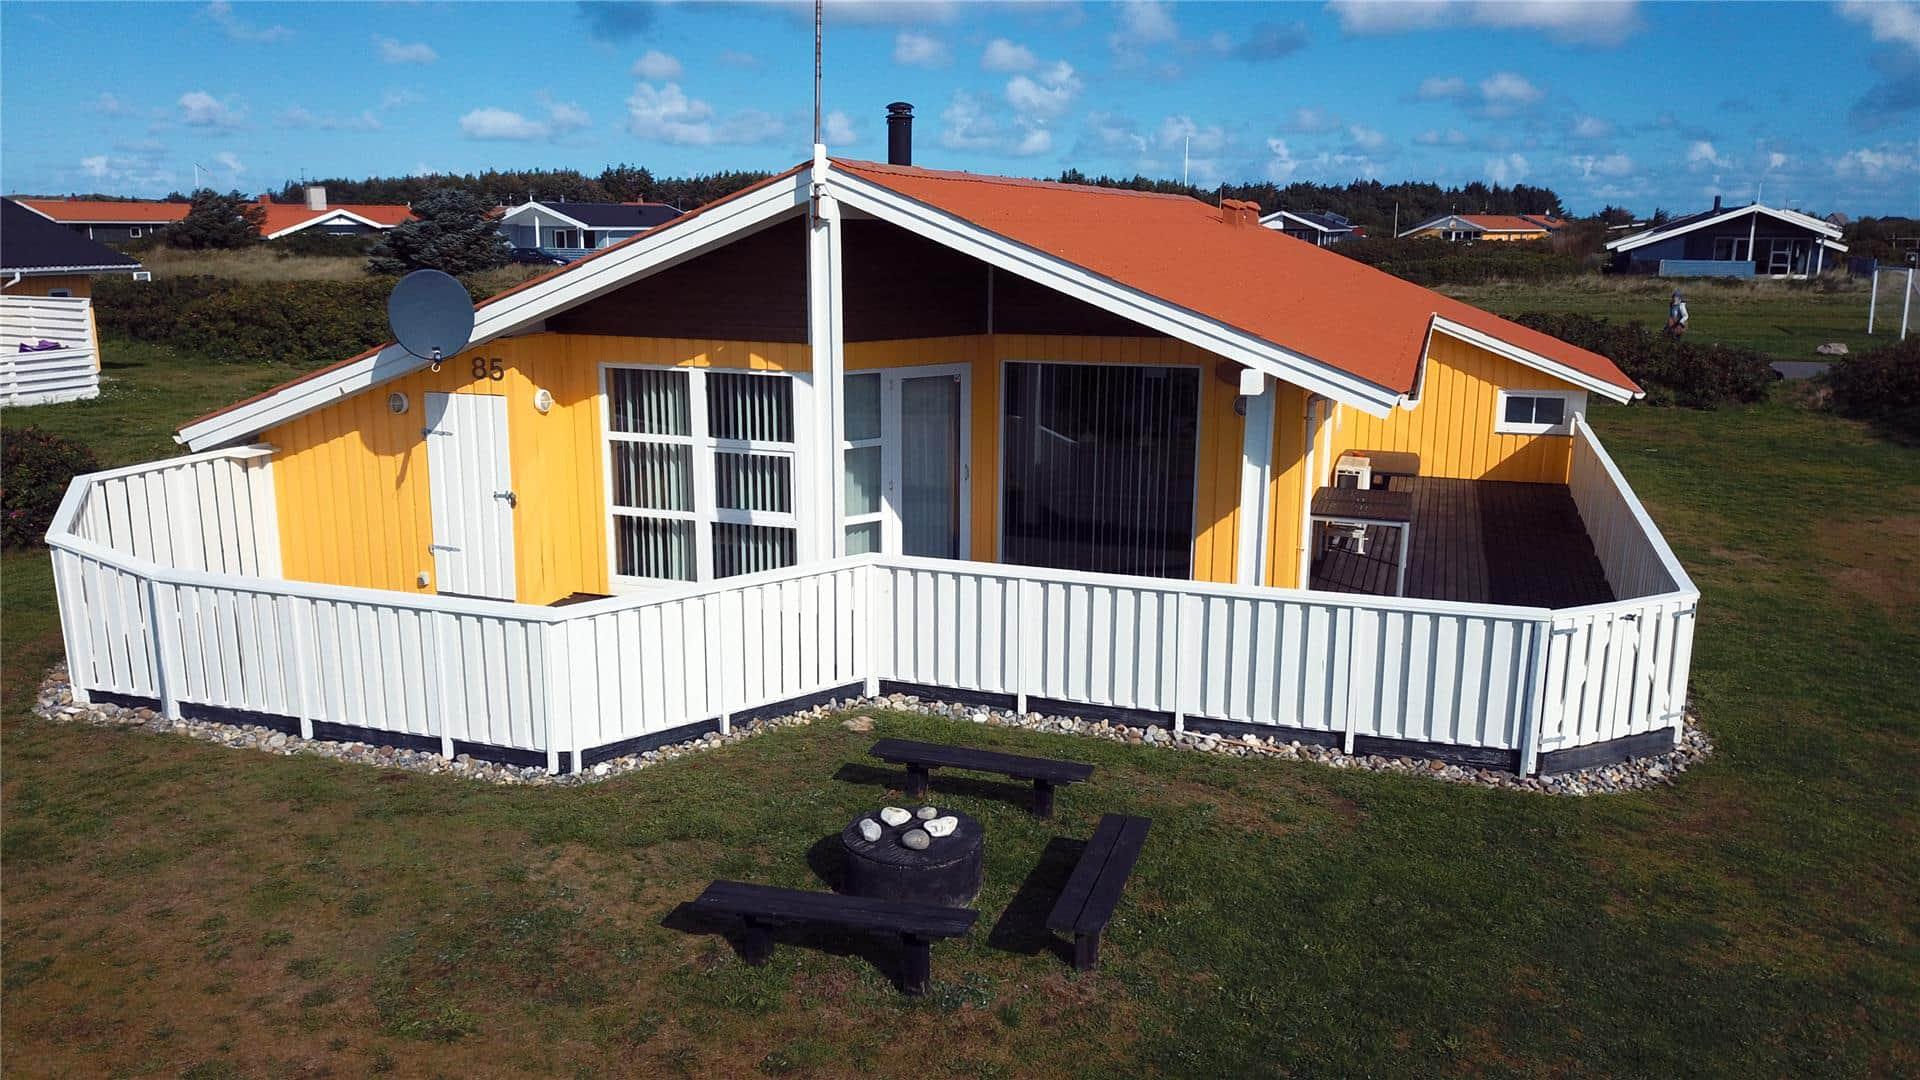 Billede 0-20 Sommerhus 185, Vejlby Klit 85, DK - 7673 Harboøre